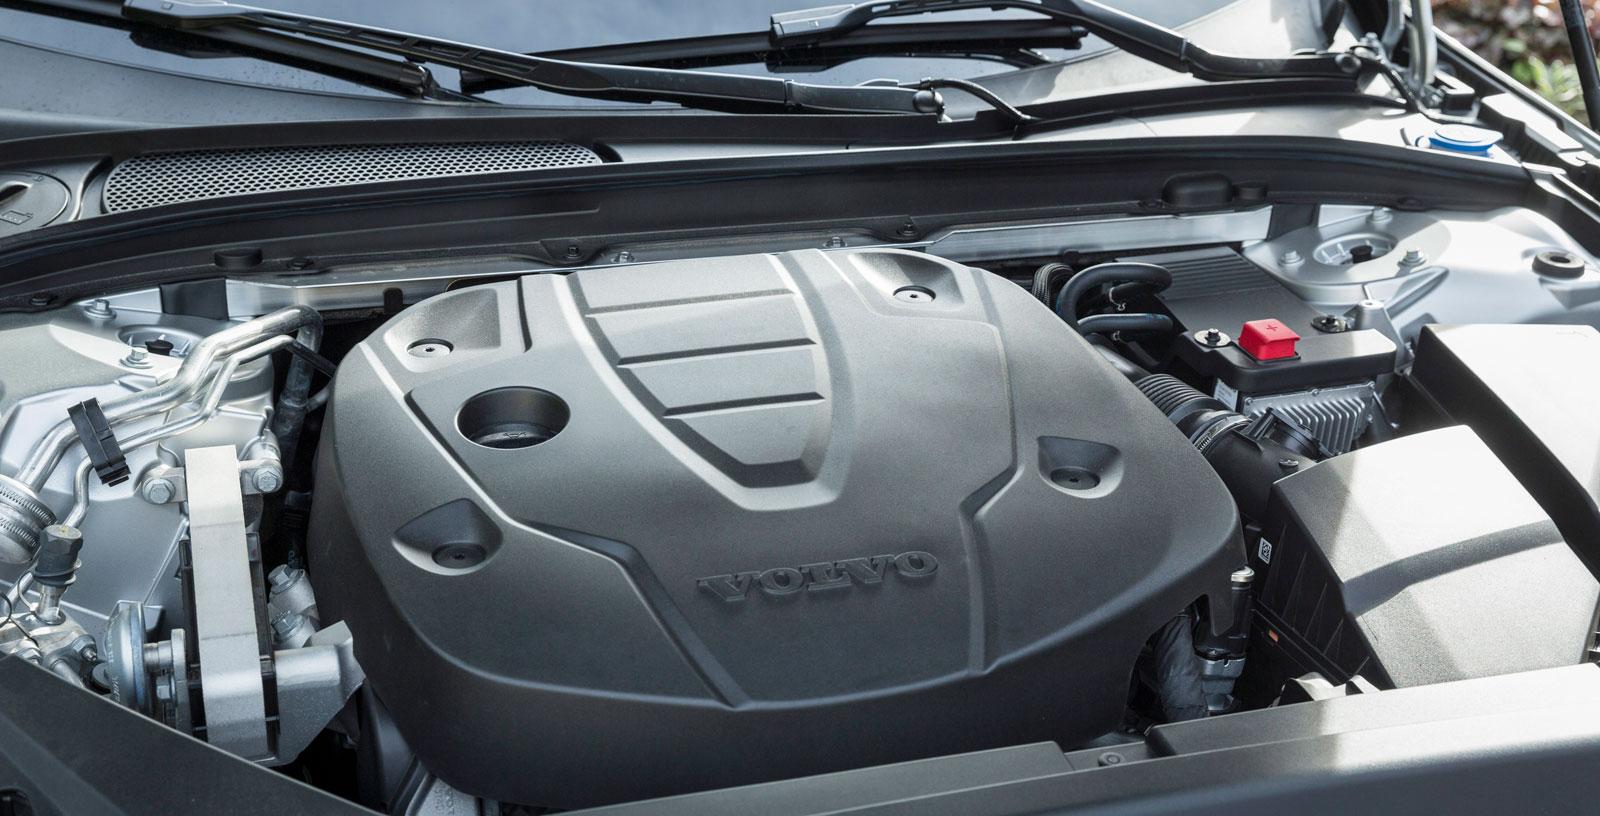 I testat utförande är Volvos universalfyra på 190 hk. Den arbetar ungefär som BMW:s men är klart snålare på bränsle. Åttaväxlad automatlåda matchar karaktären mycket väl.